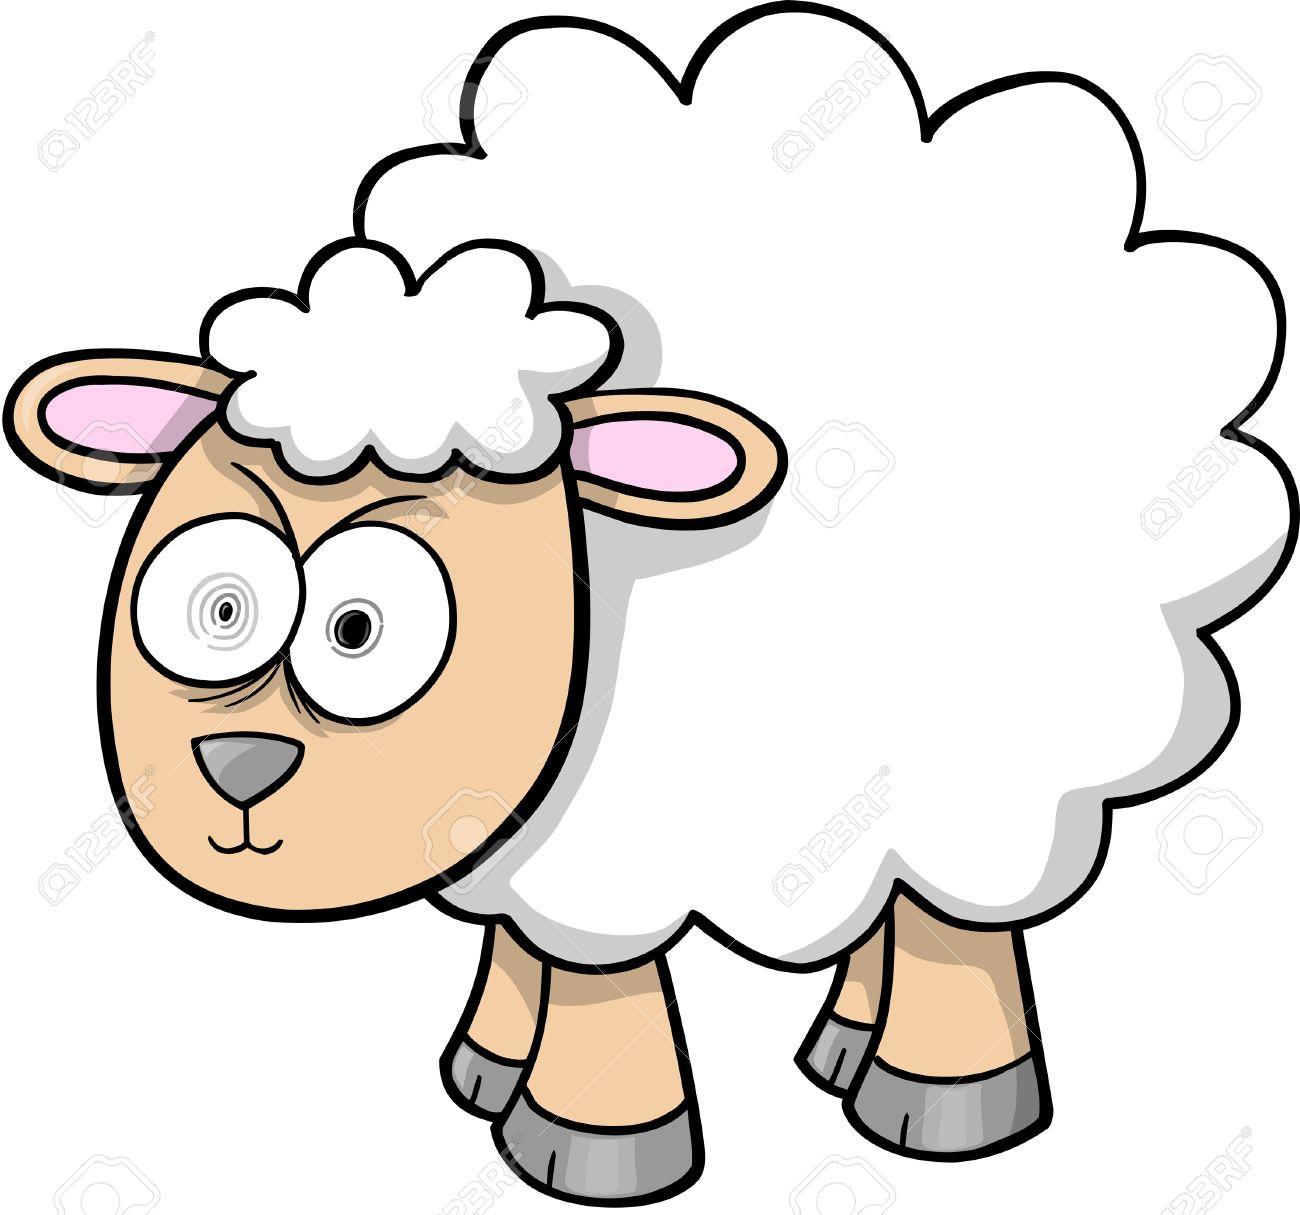 crazy sheep lamb royalty free cliparts vectors and stock rh 123rf com cartoon lamborghini cartoon lamborghini